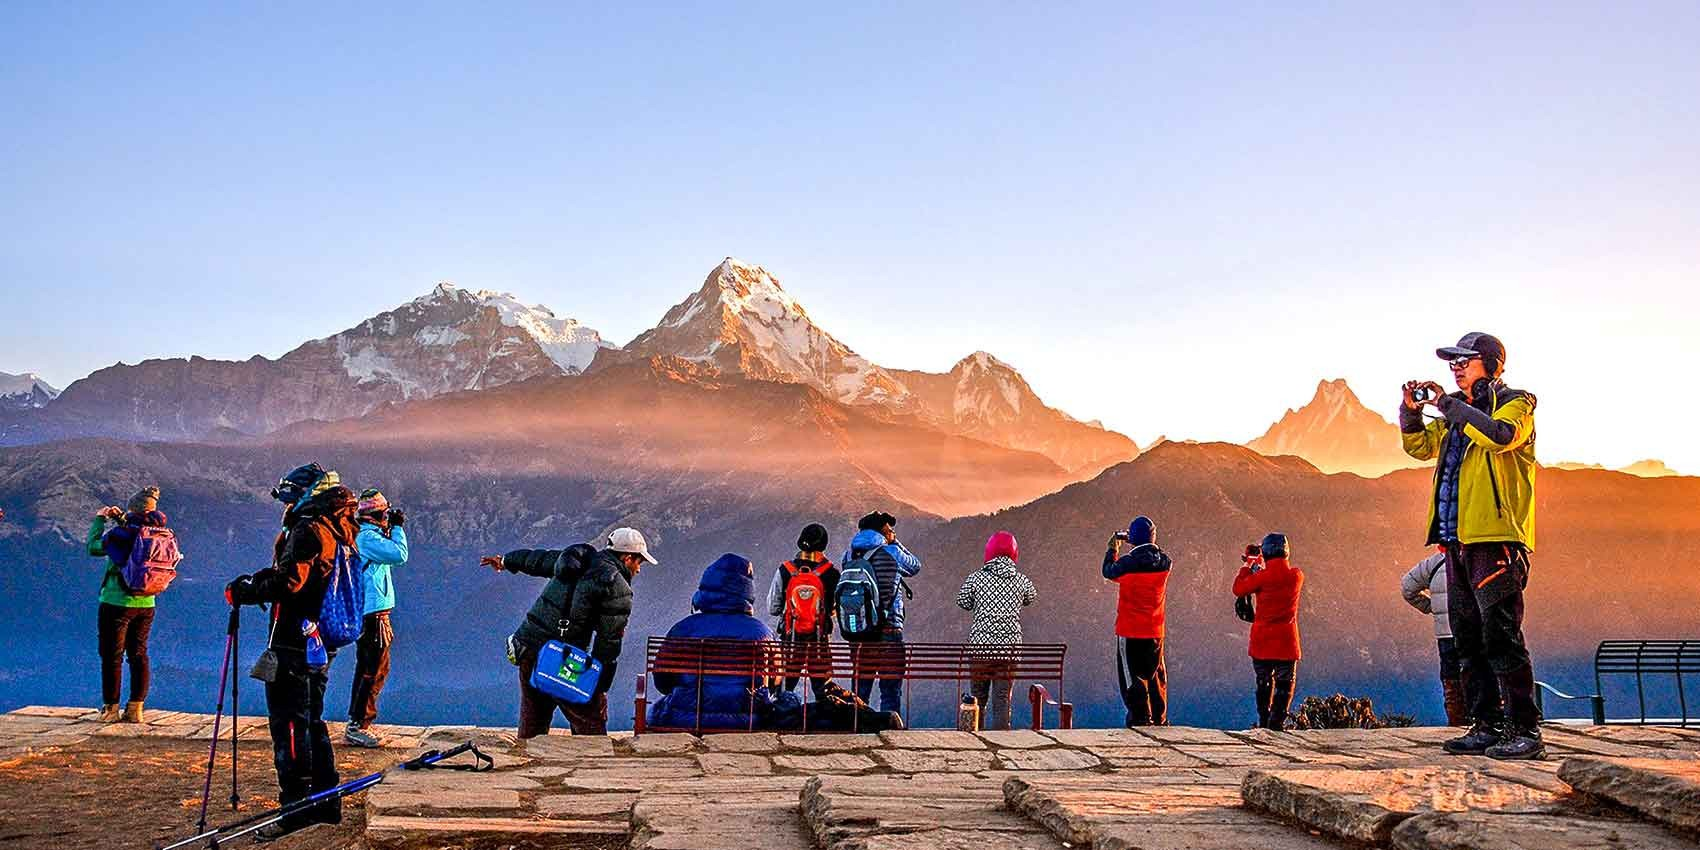 कोरोनाको असर पर्यटन क्षेत्रमा : जम्मा ६६ हजार पर्यटक भित्रदा कुन महिना कति ?